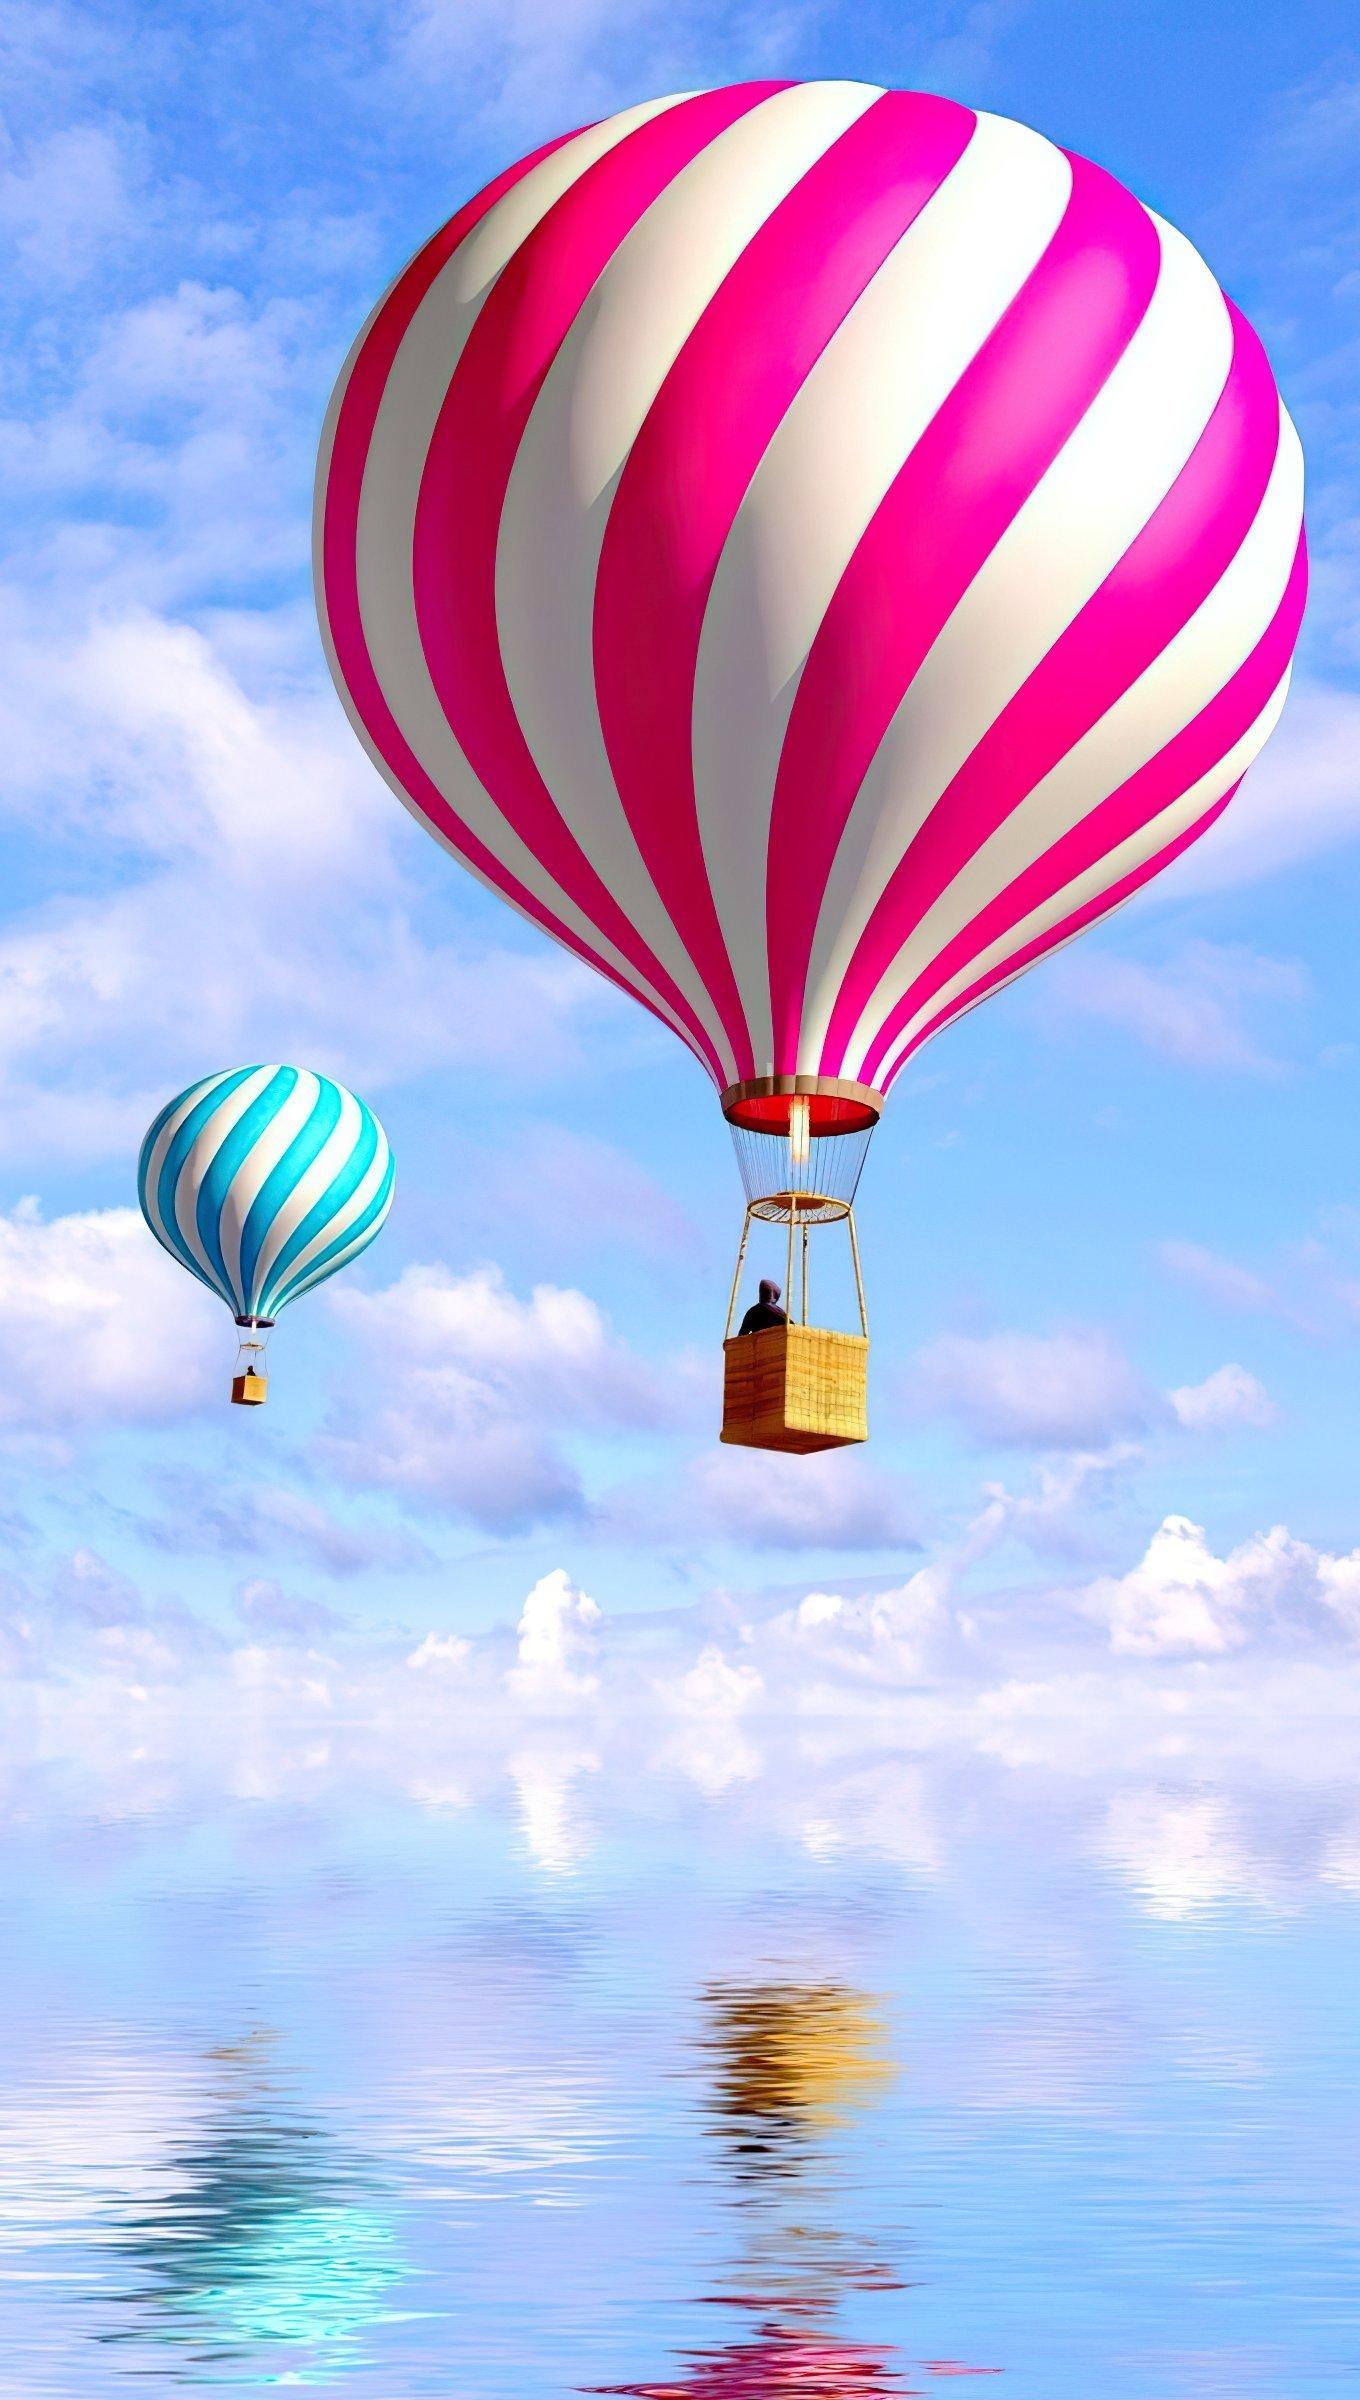 Fondos de pantalla Globos aerostáticos en las nubes Vertical